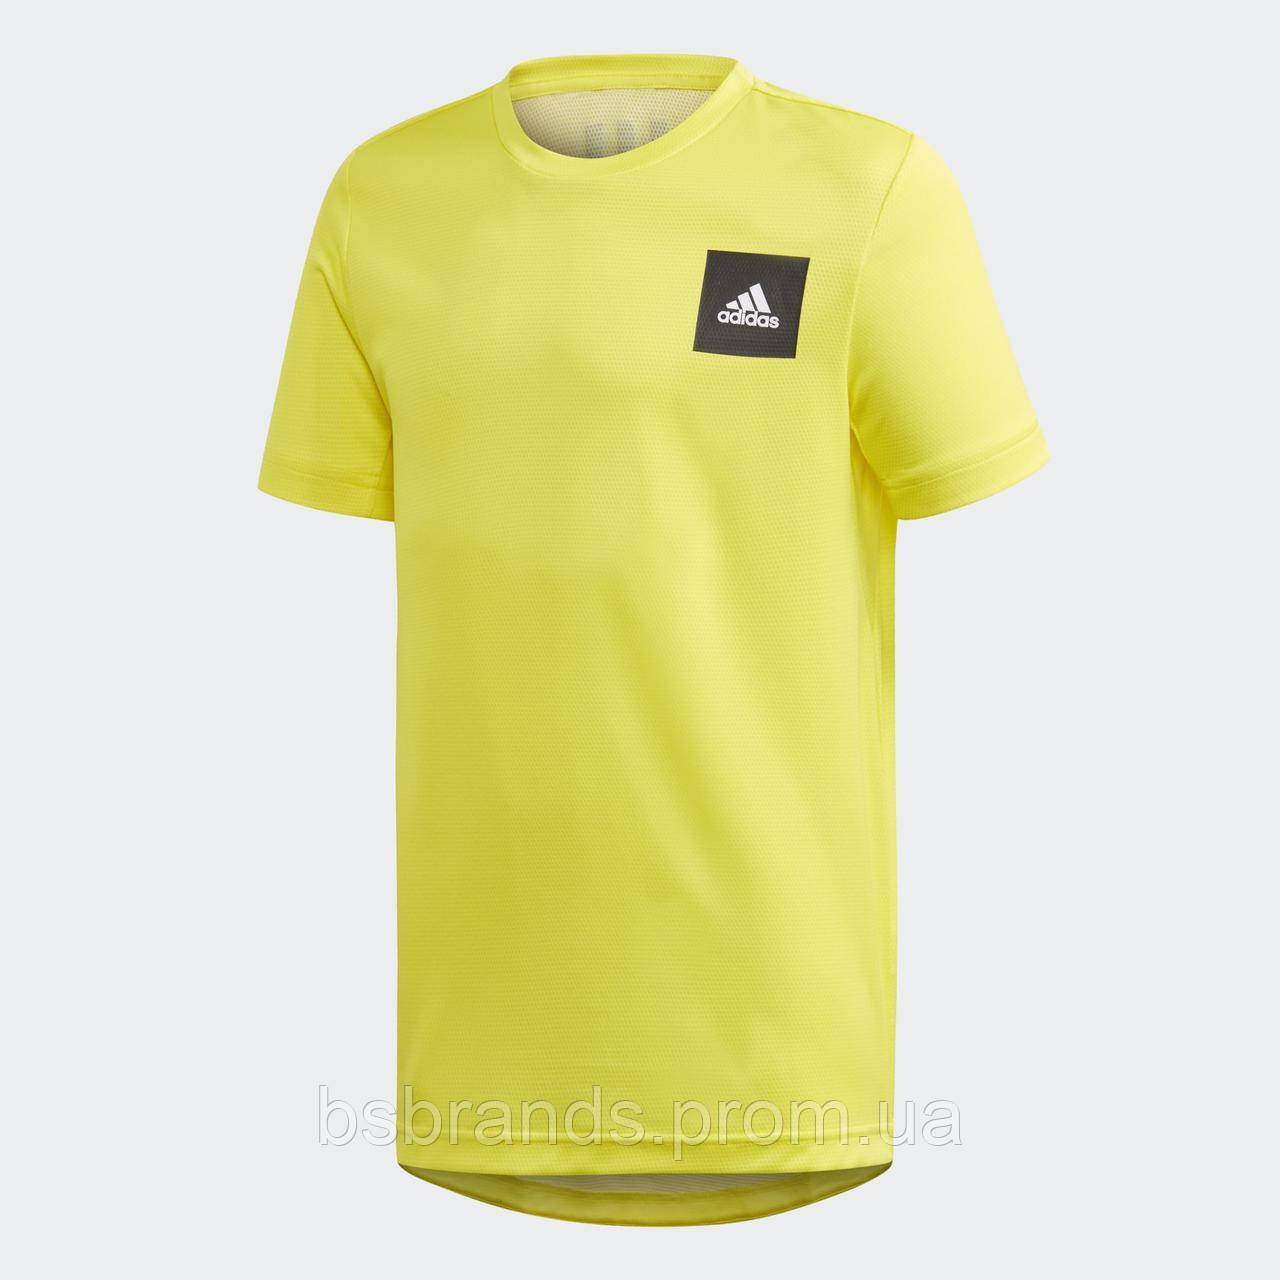 Детская футболка adidas для финеса AEROREADY FM1683 (2020/1)